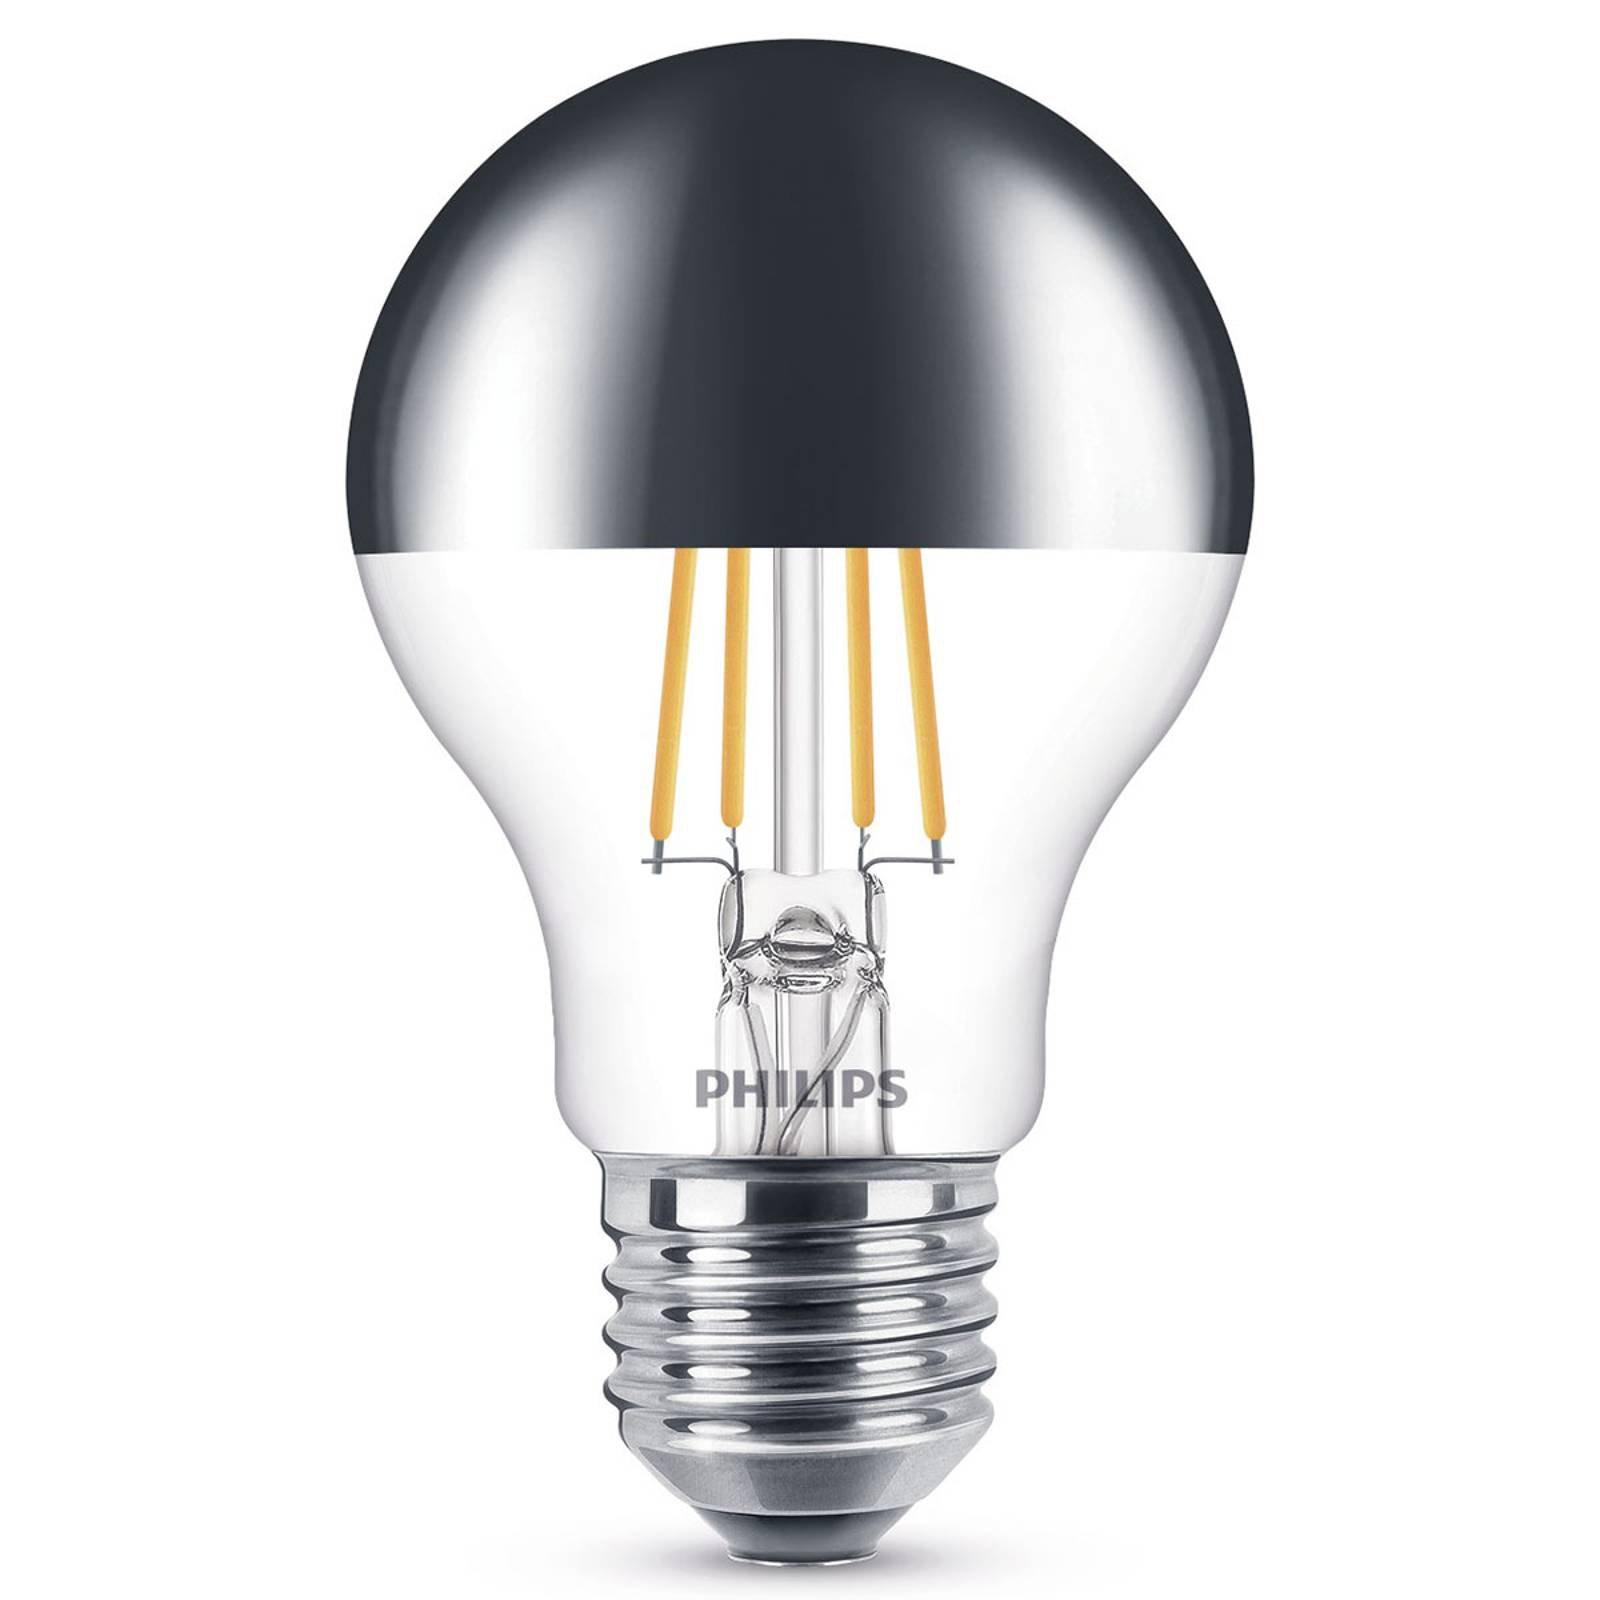 Philips E27 LED-toppforspeilet pære 7,2W varmhvit